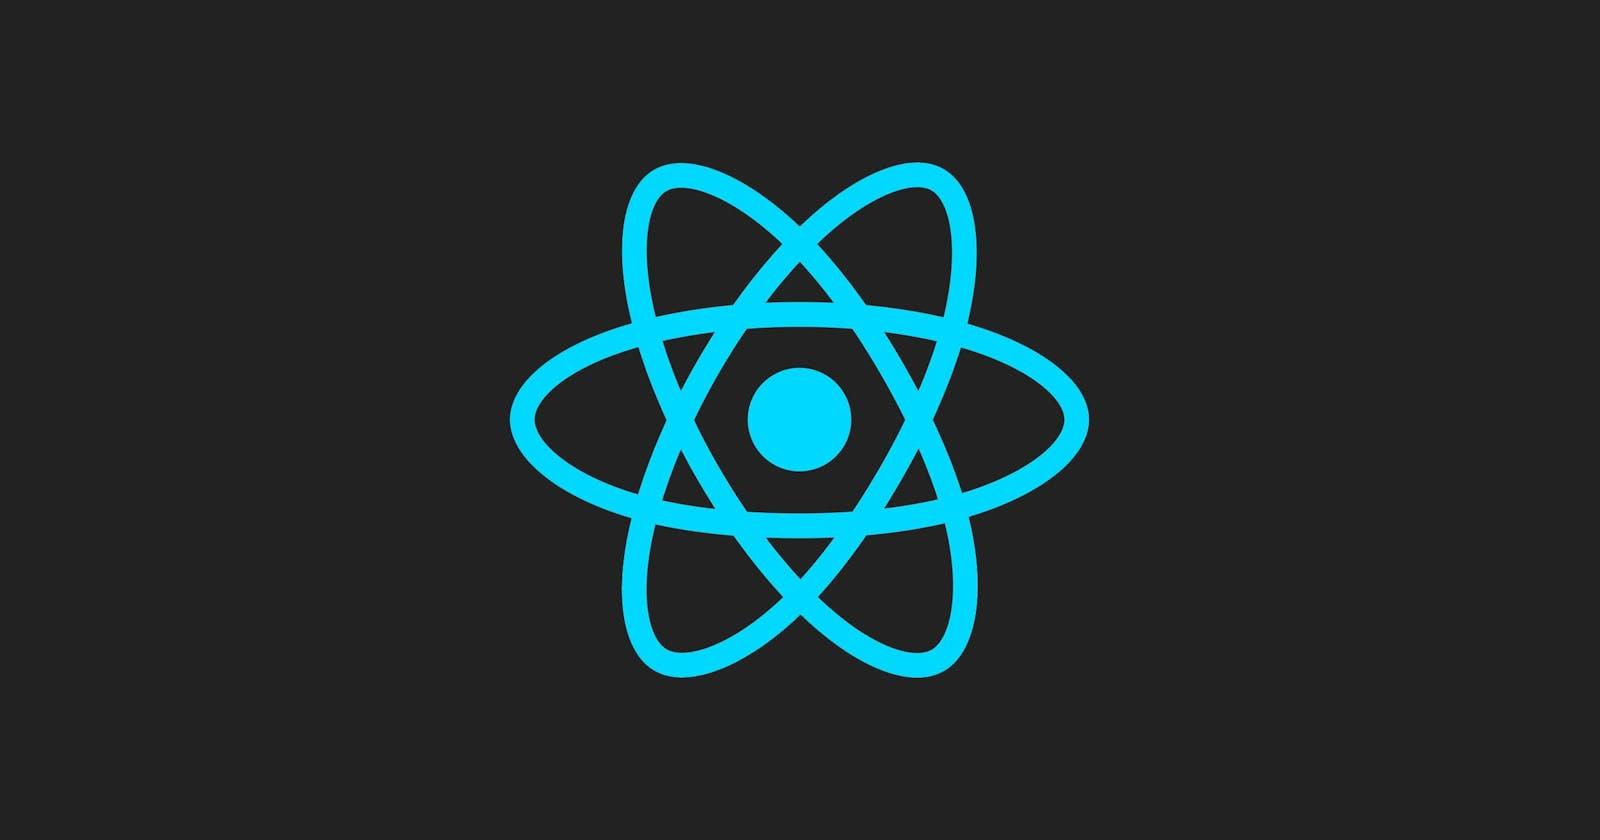 React JS Log Blog - Prologue